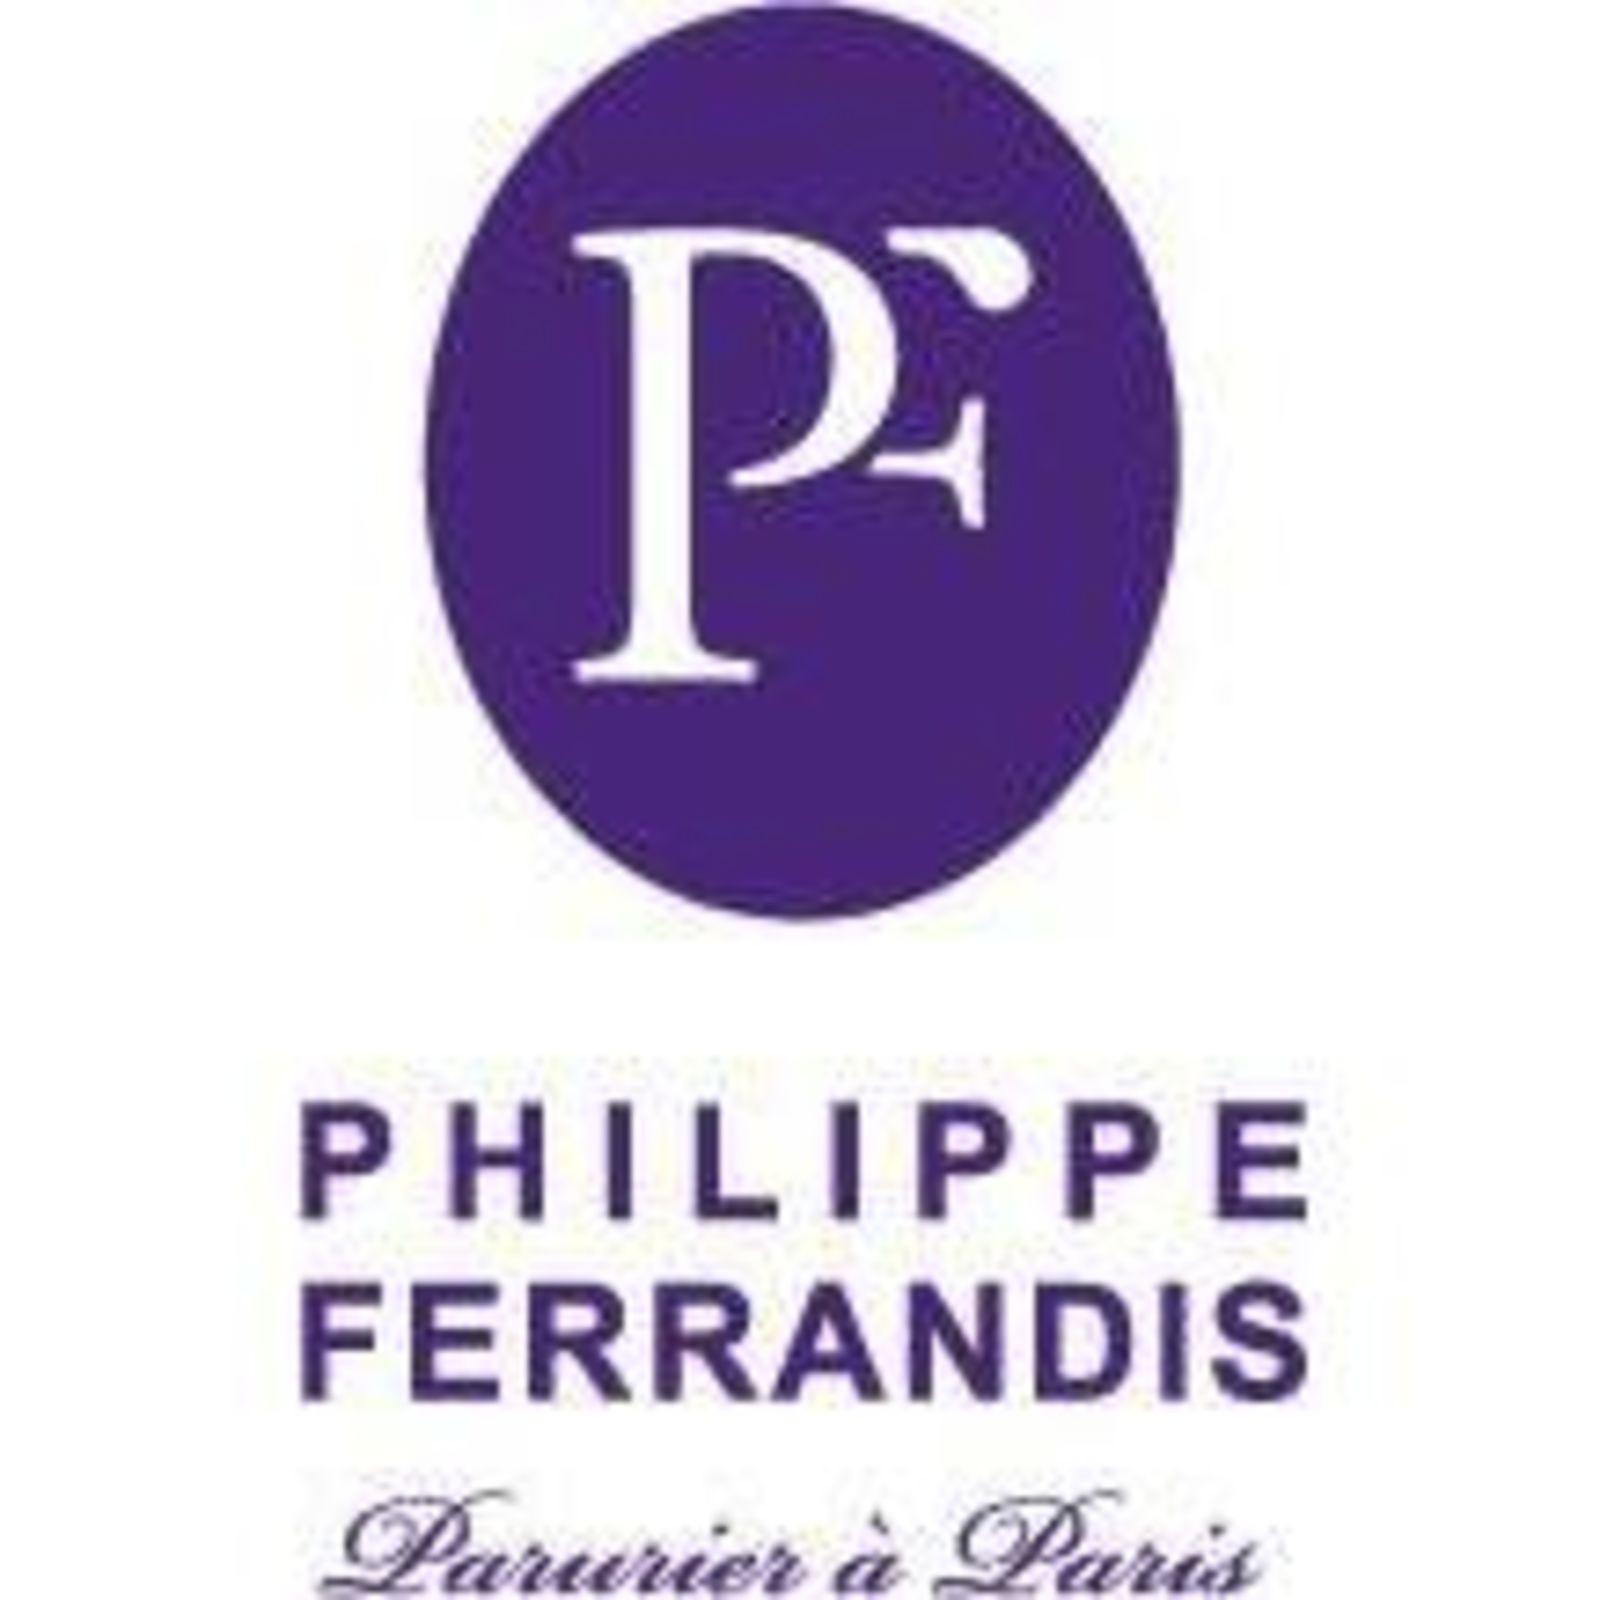 PHILIPPE FERRANDIS